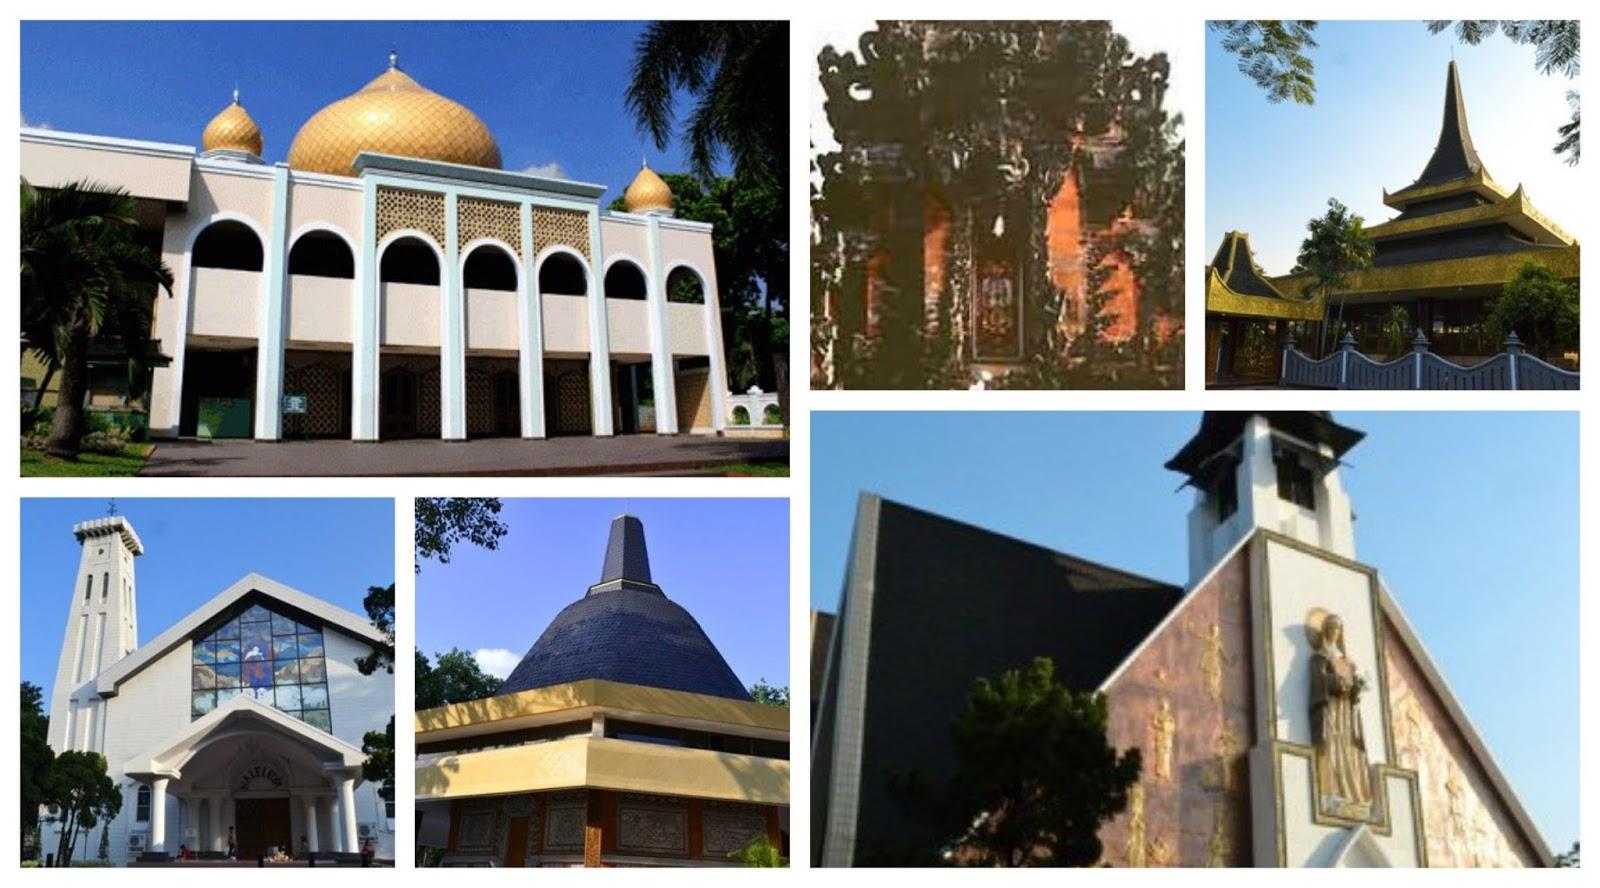 Akuntansi pemerintahan adalah suatu aktivitas pemberian jasa untuk menyediakan informasi keuangan pemerintah berdasarkan proses pencatatan,. 6 Agama di Indonesia : Kitab Suci + Tempat Ibadahnya LENGKAP